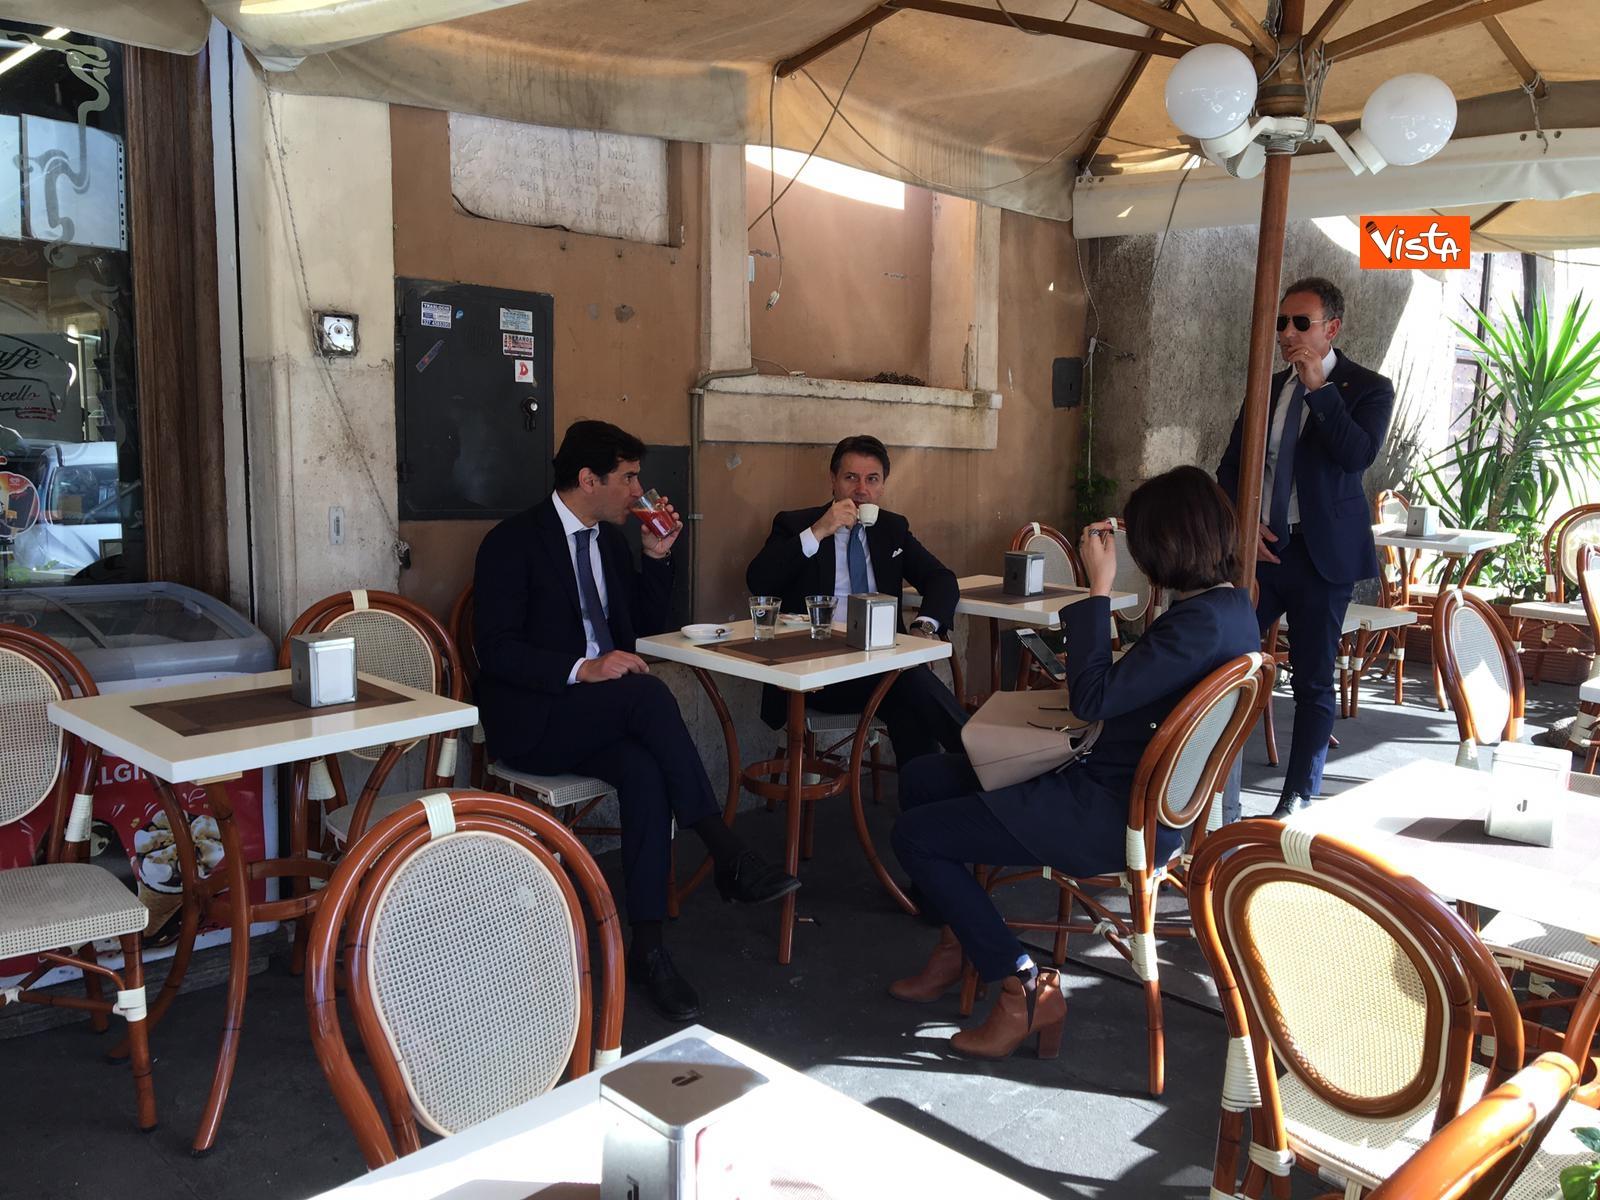 25-04-19 Conte prende un caffe al bar al termine della cerimonia all Altare della Patria per il 25 Aprile_07